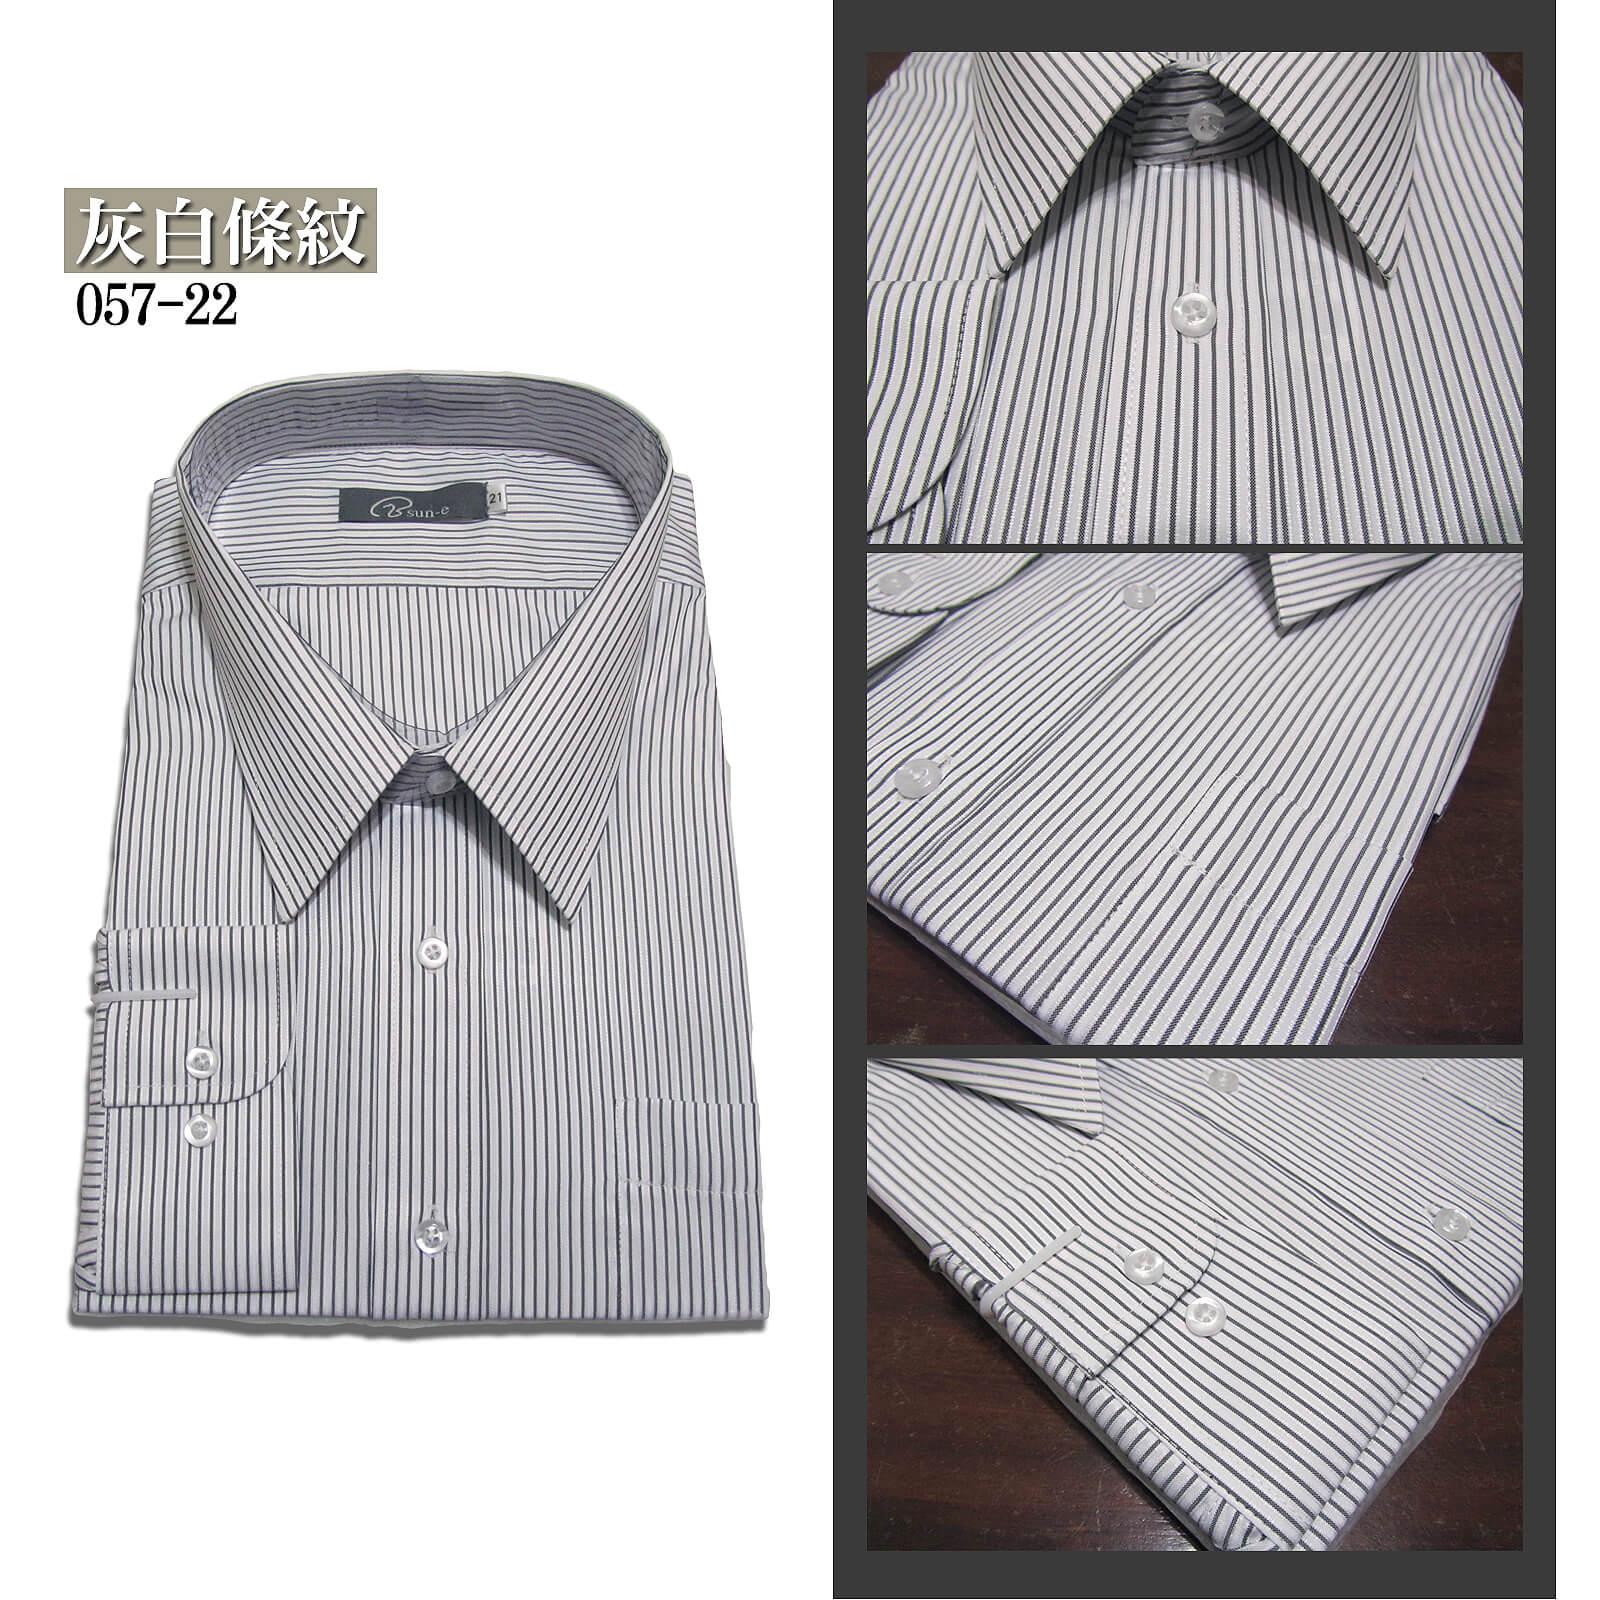 sun-e335特加大尺碼標準襯衫、上班族襯衫、商務襯衫、不皺免燙襯衫、正式場合襯衫、條紋襯衫、素面襯衫(短袖 / 長袖) 多顏色、樣式可供選擇 尺寸:19、20、21、22(英吋) 5